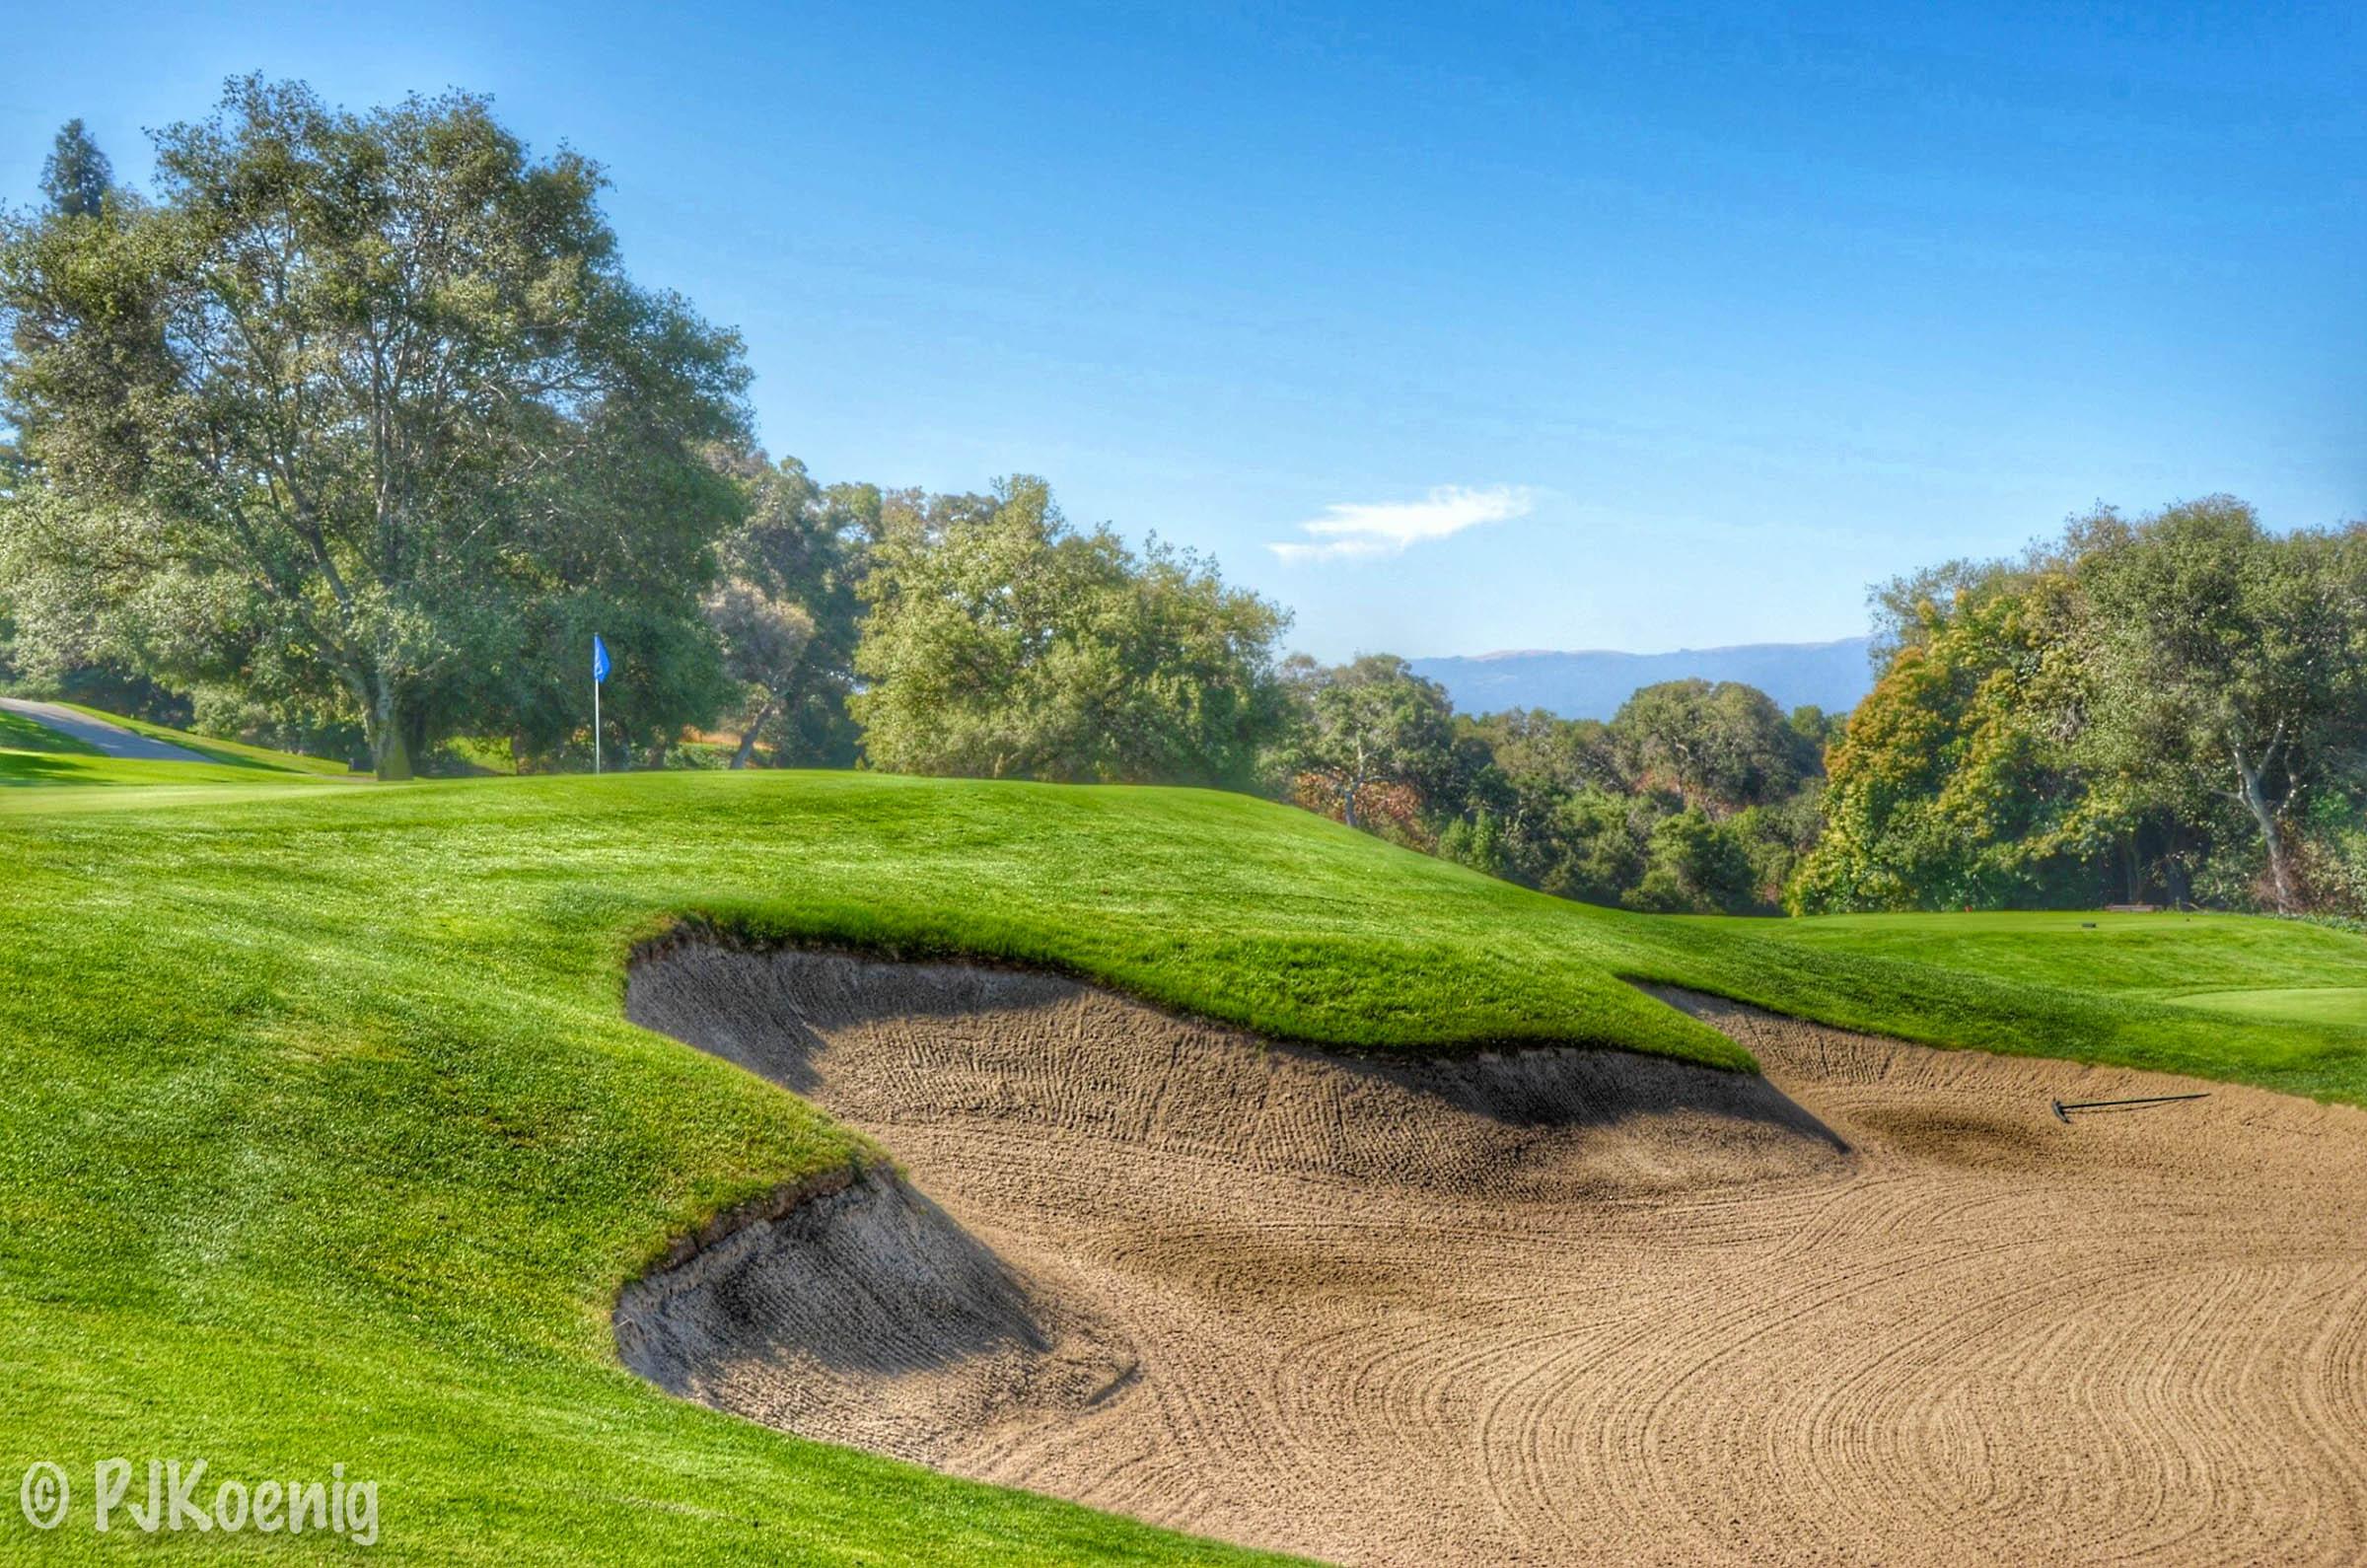 Stanford Golf Course - Palo Alto, CA